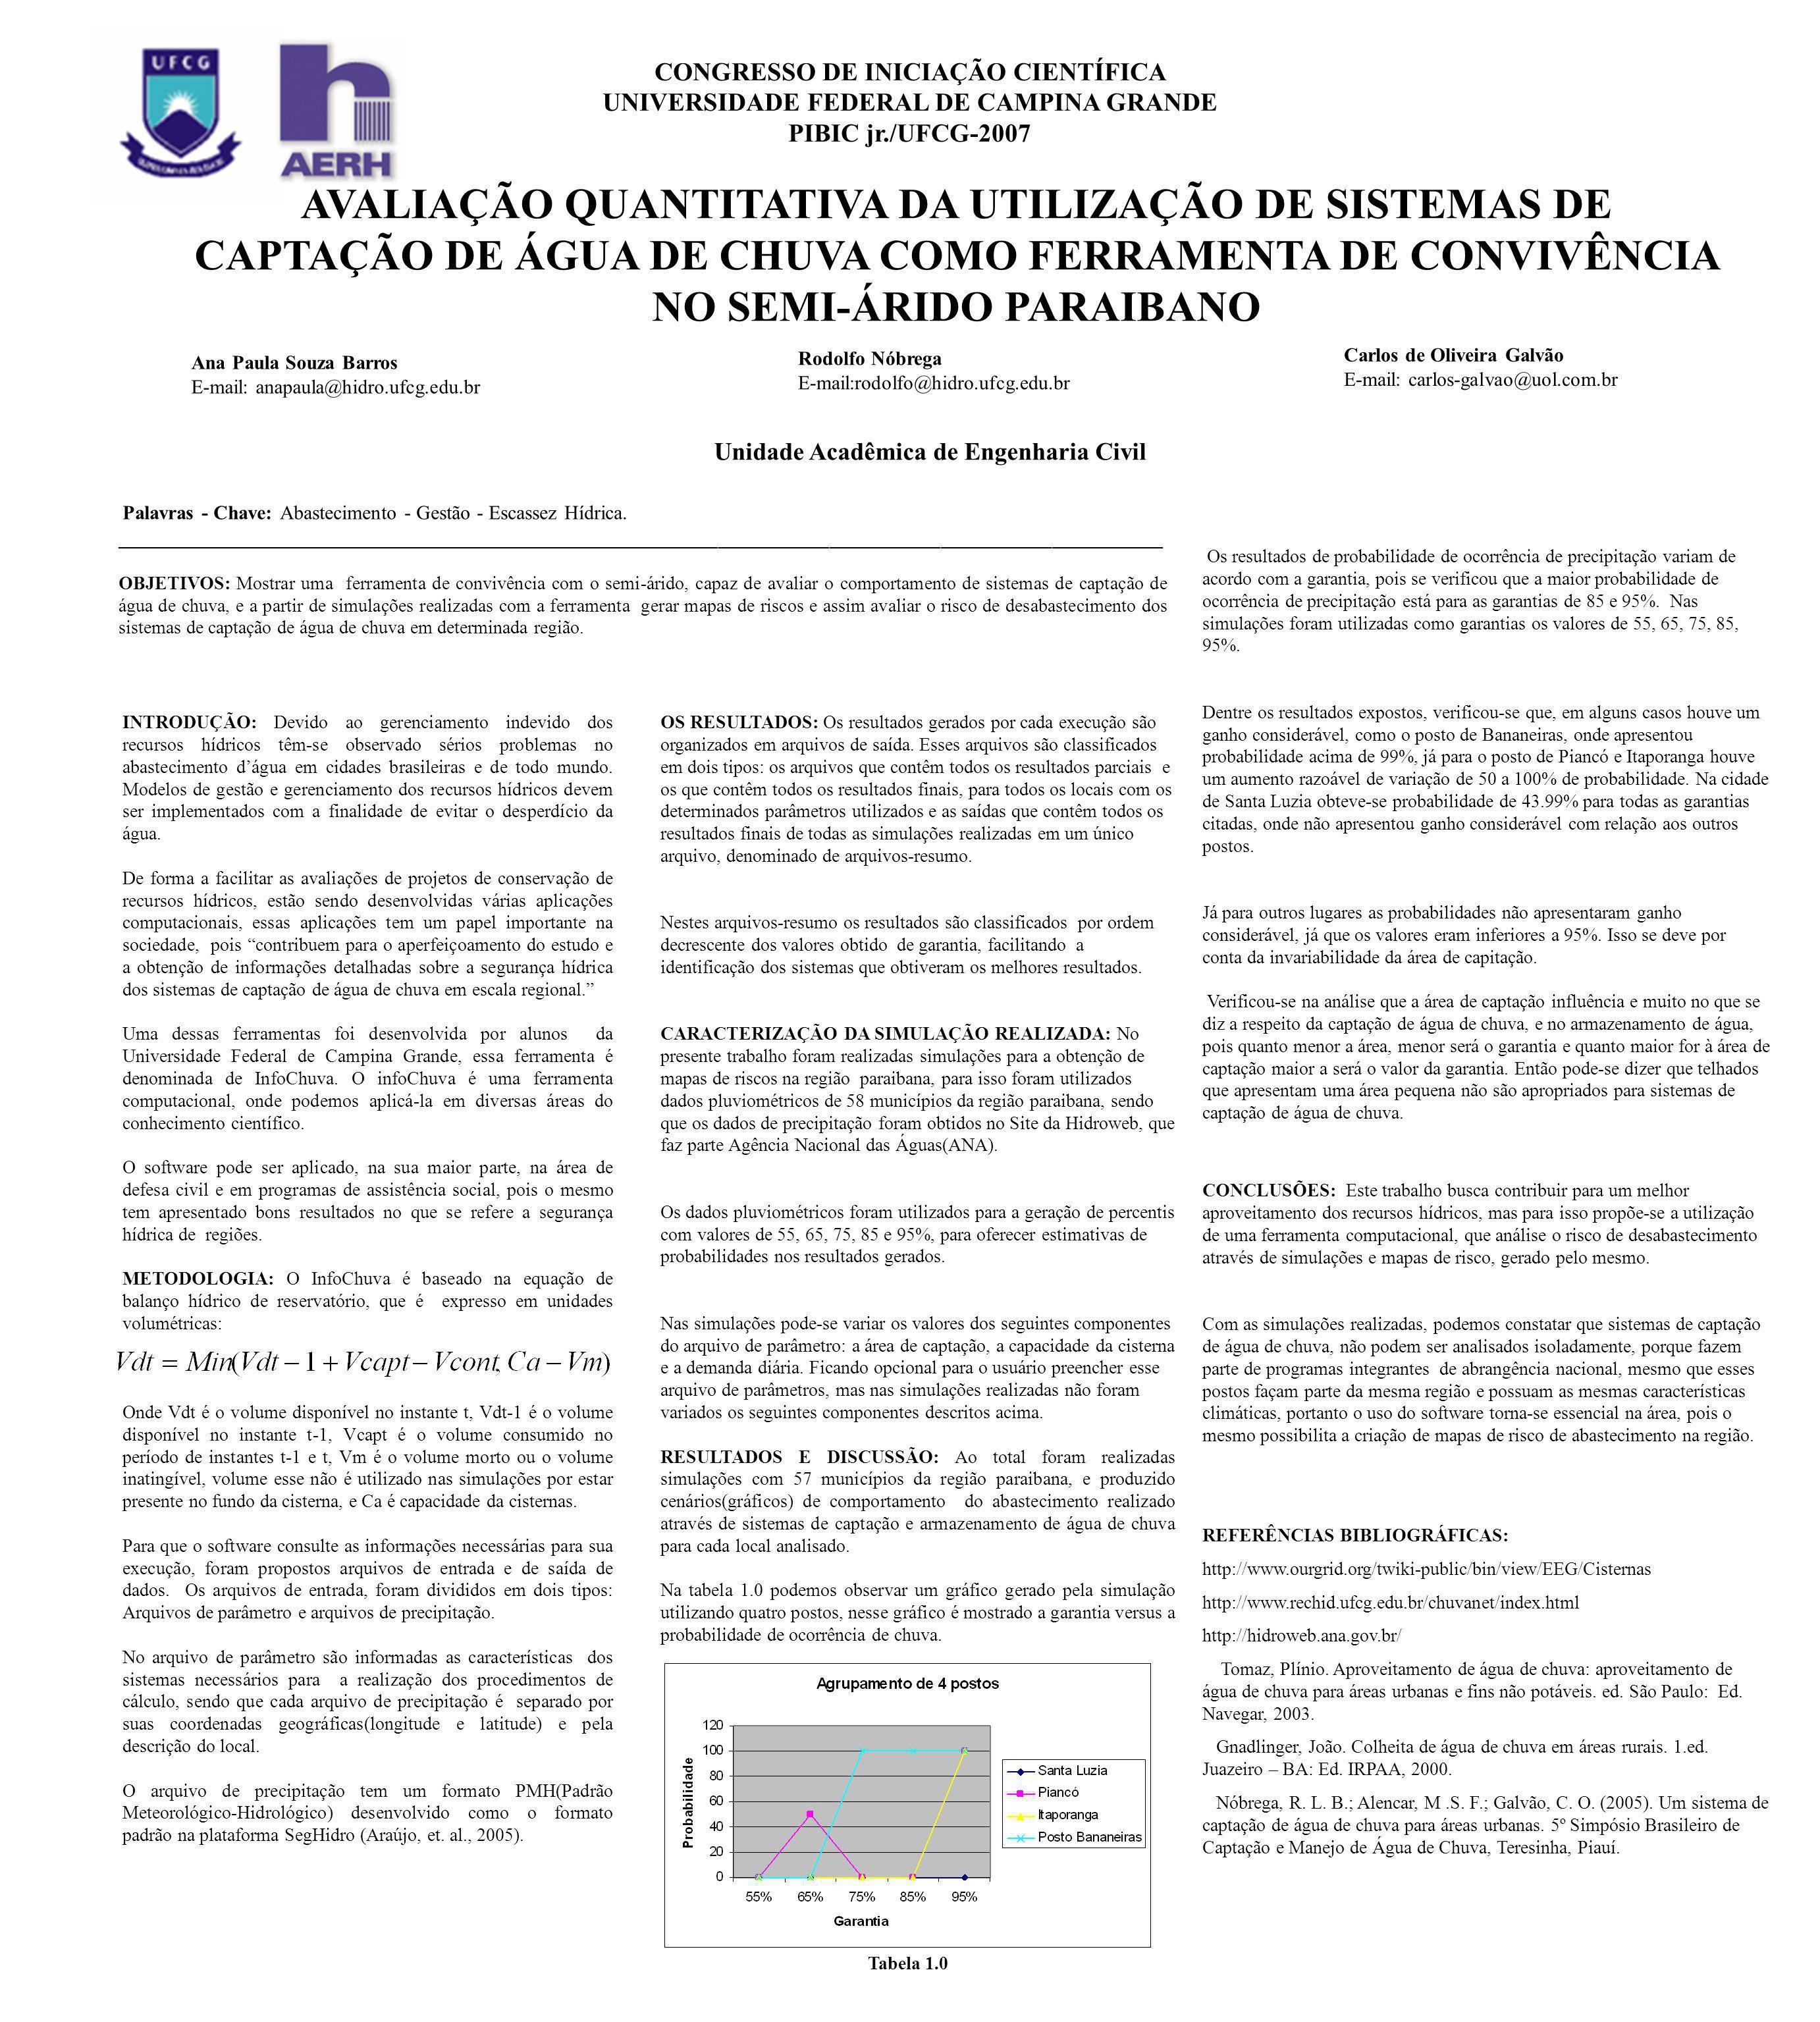 CONGRESSO DE INICIAÇÃO CIENTÍFICA UNIVERSIDADE FEDERAL DE CAMPINA GRANDE PIBIC jr./UFCG-2007 AVALIAÇÃO QUANTITATIVA DA UTILIZAÇÃO DE SISTEMAS DE CAPTA